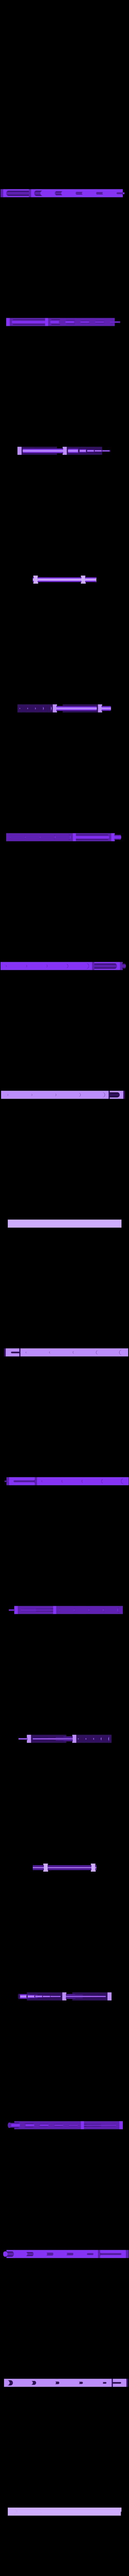 Fence_of_death.obj Télécharger fichier OBJ gratuit Clôture d'accord • Objet pour imprimante 3D, Aravon